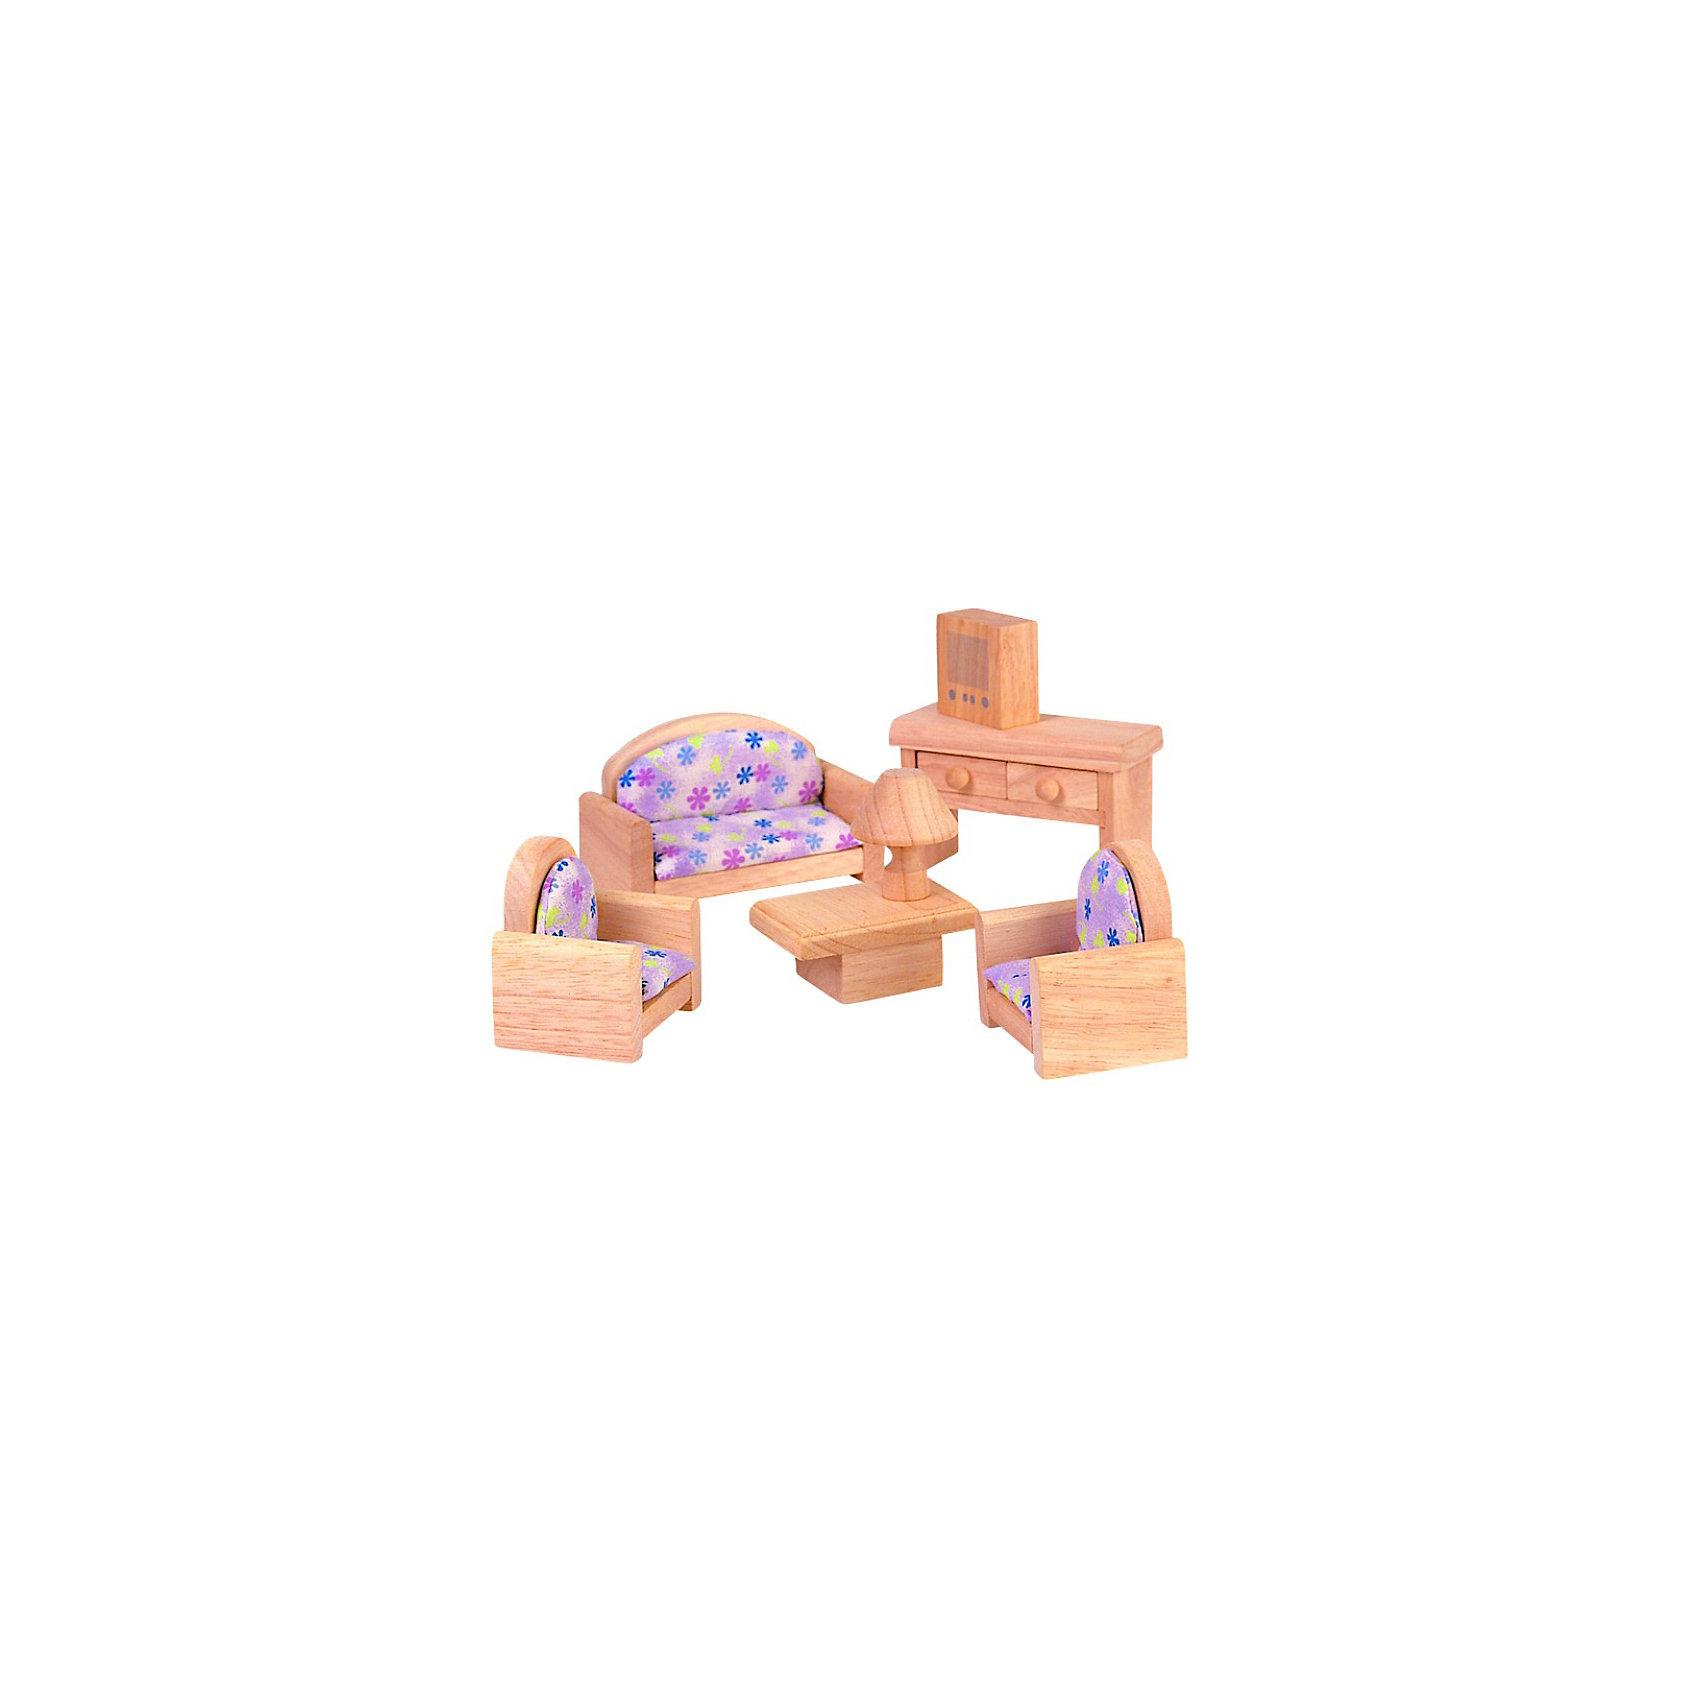 Plan Toys PLAN TOYS 9015 Гостиная (классик) конструкторы plan toys игра кактус